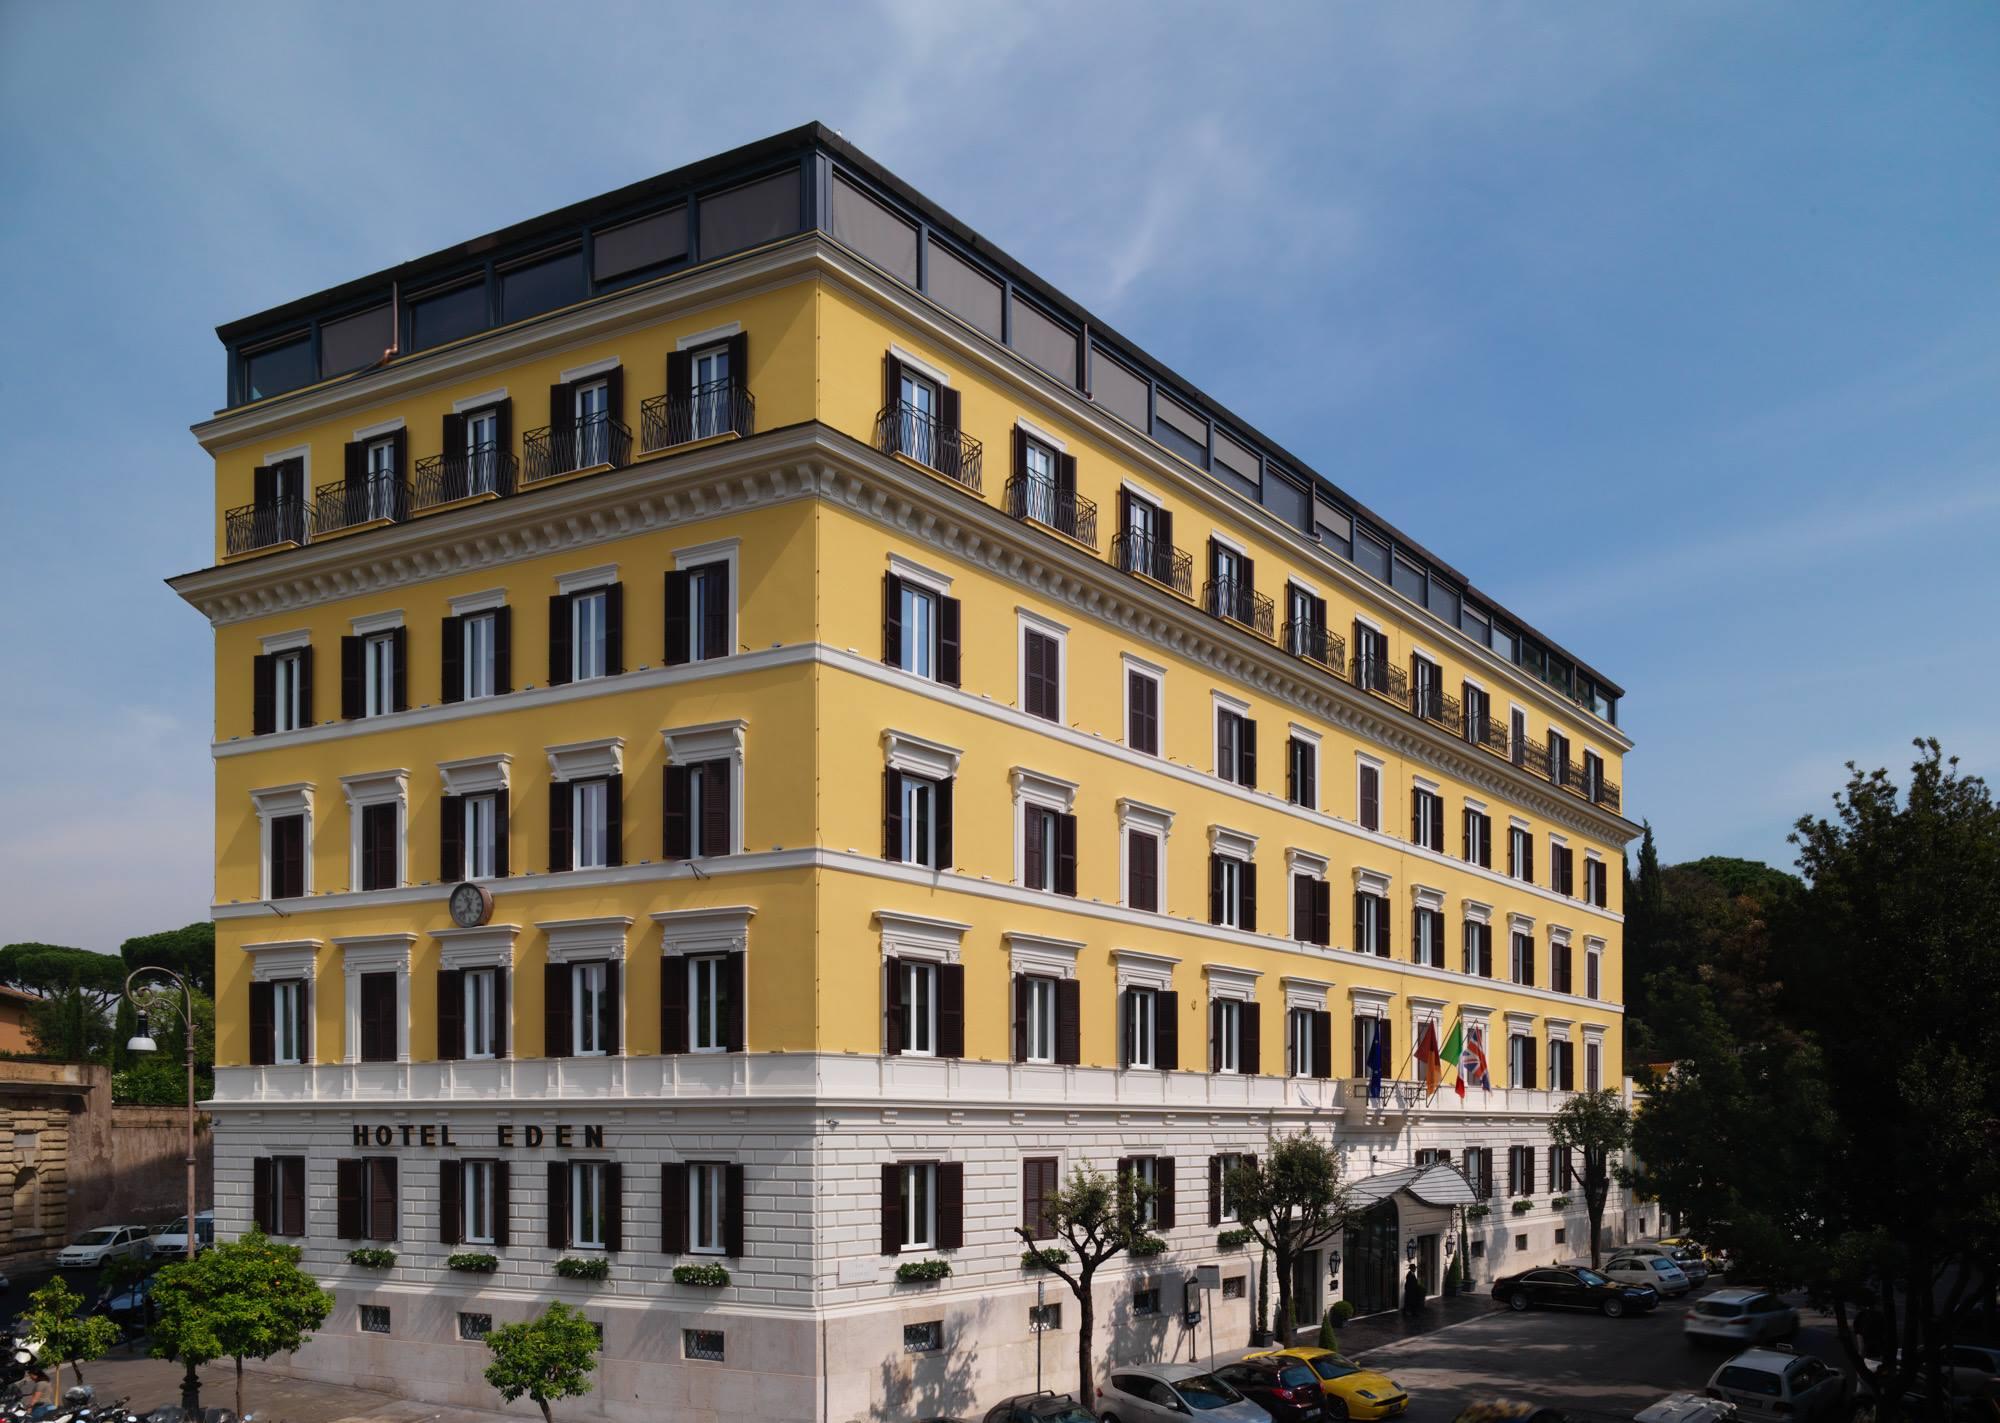 Hotel Eden Roma, luna de miel en Roma, los mejores hoteles para luna de miel en Roma - Wedding Hub - 014